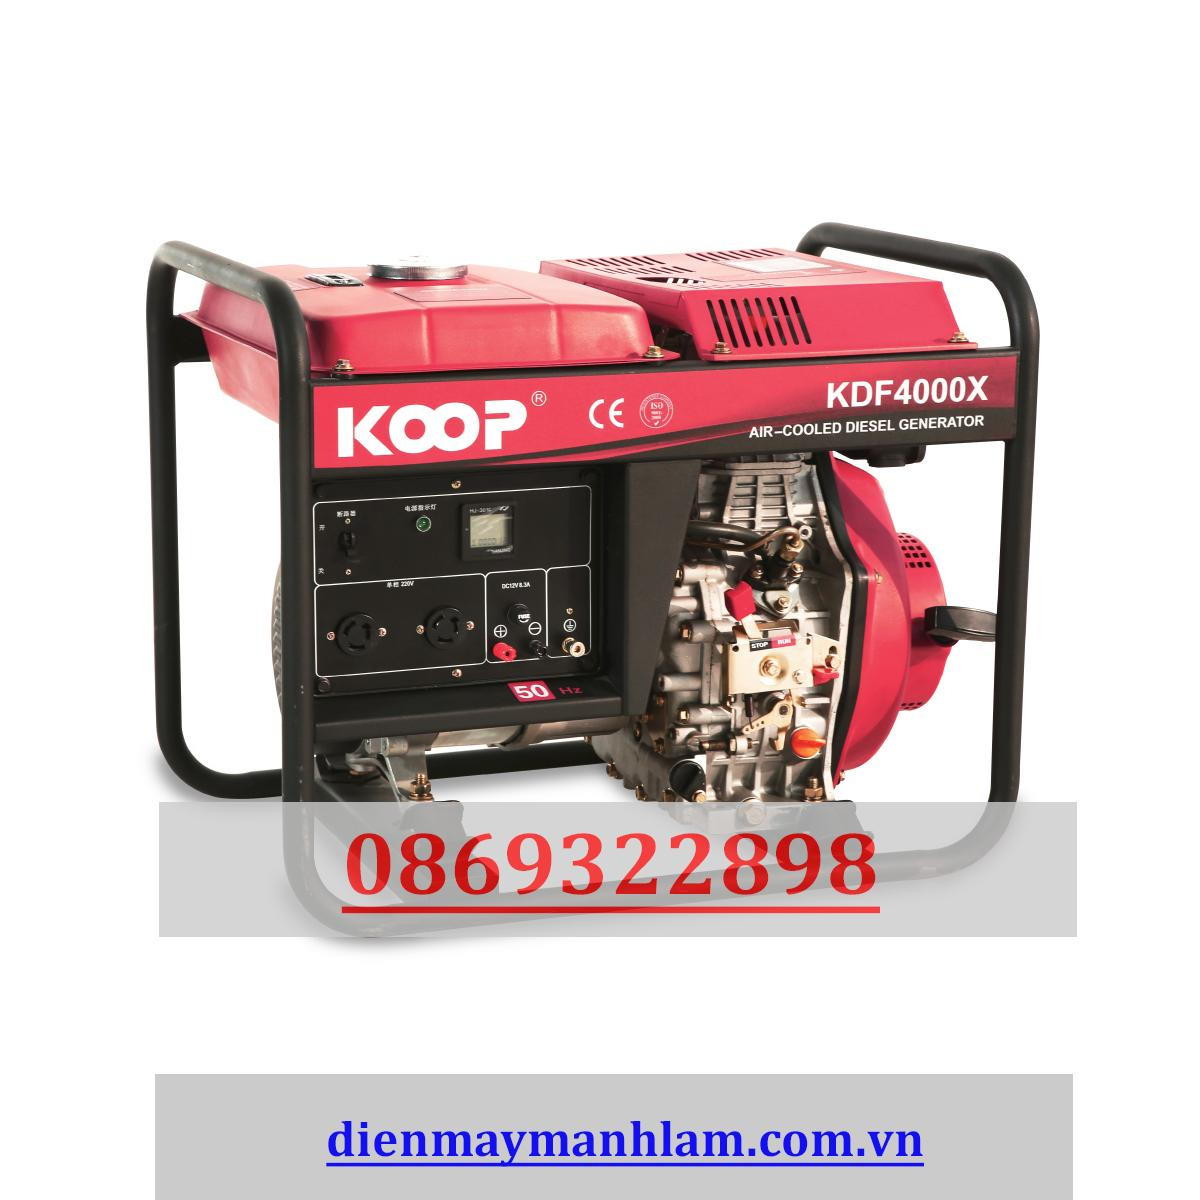 Máy phát điện giật tay nhật bản Koop 2.8kw KDF 4000X